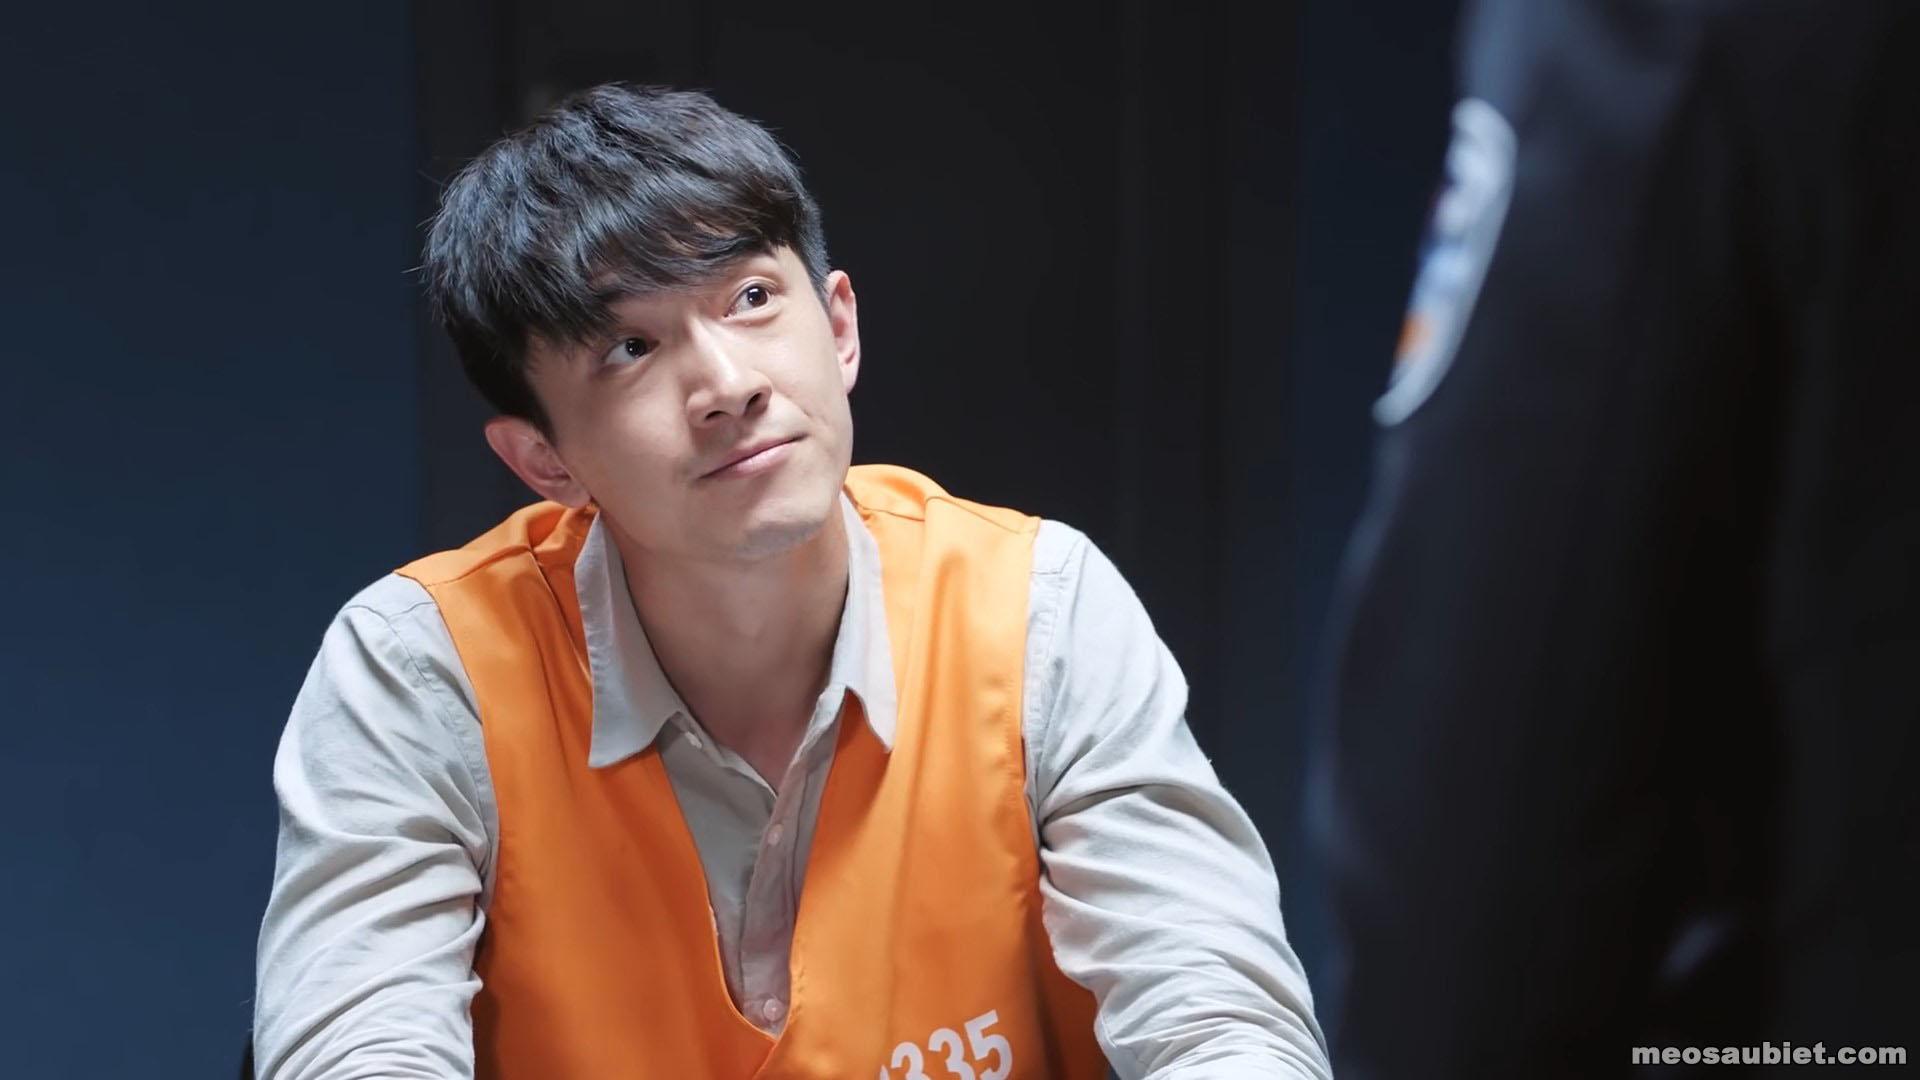 Tình yêu và mất mát 2020 Lâm Canh Tân trong vai Nghiêm Cẩn